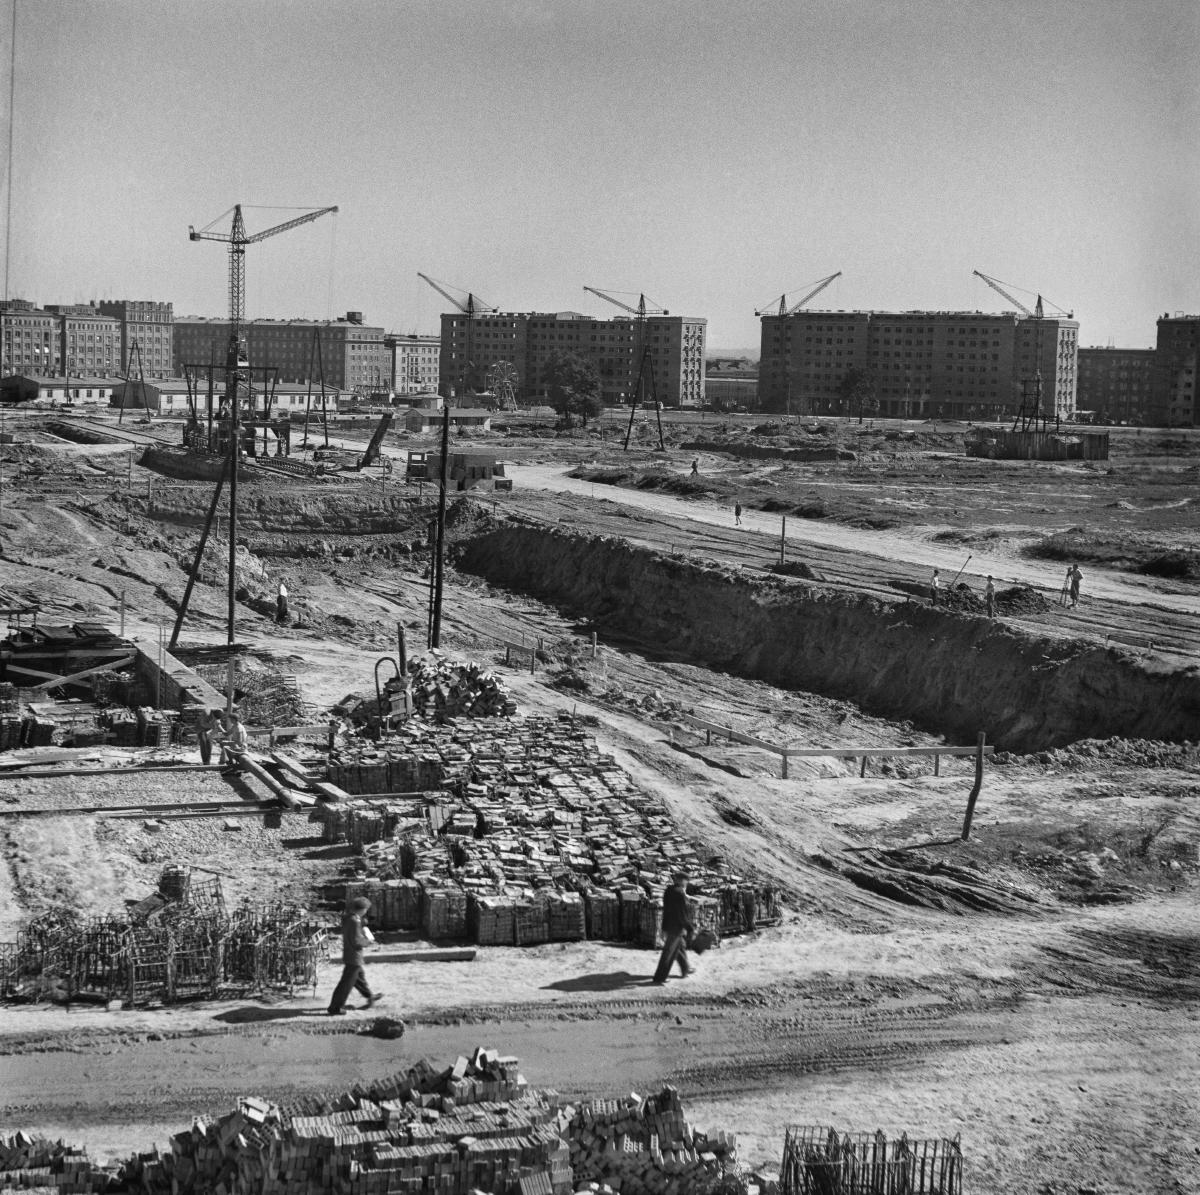 Widok na teren budowy. Na pierwszym planie koszyki cegieł, dalej głęboki wykop, w dali zabudowa blokowa oraz dżwigi budowlane.